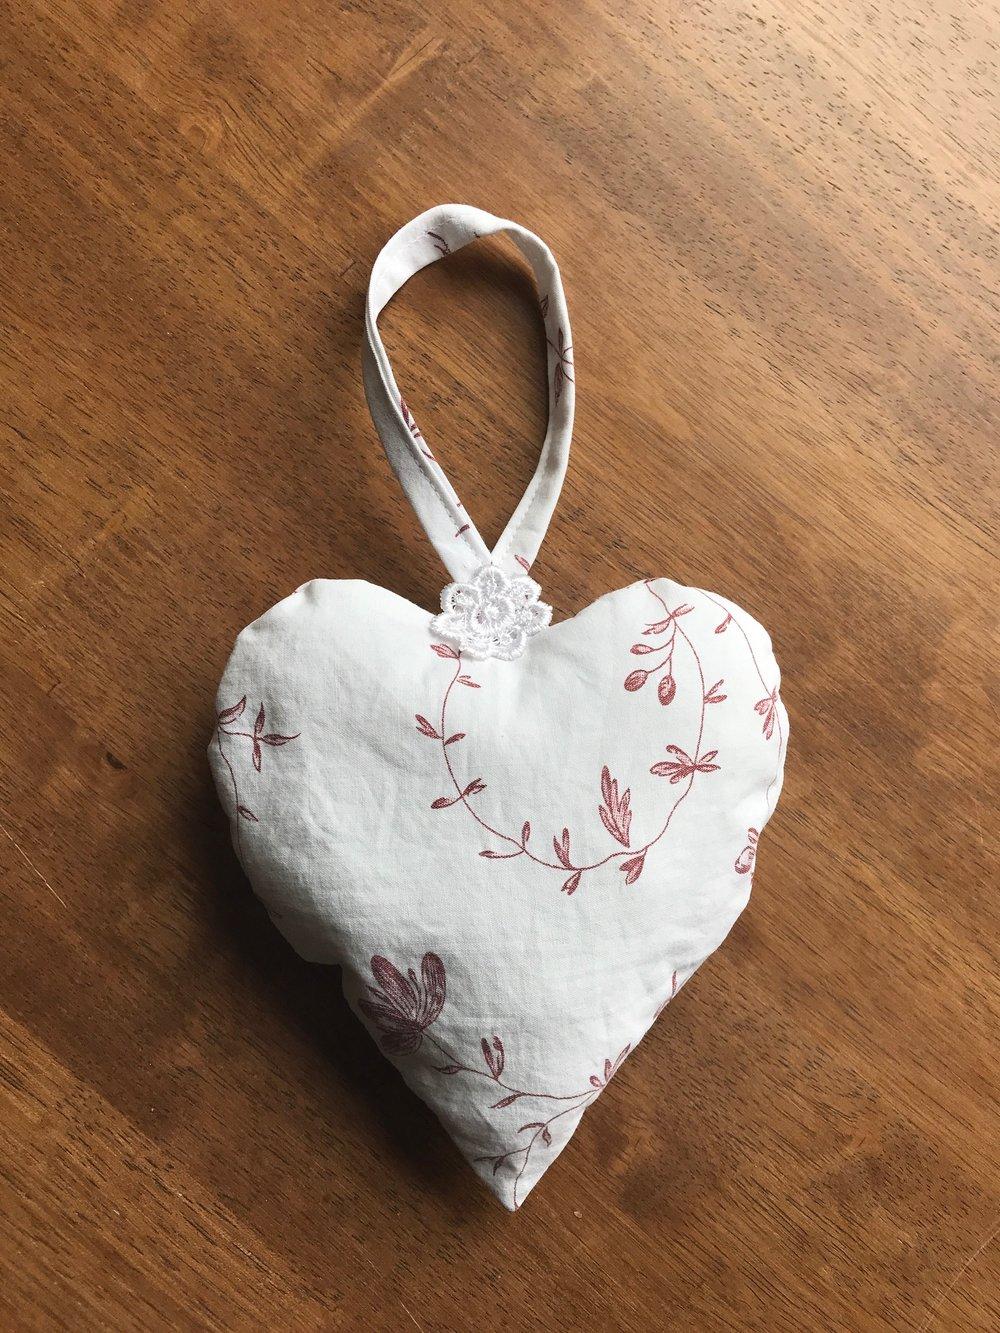 handing heart